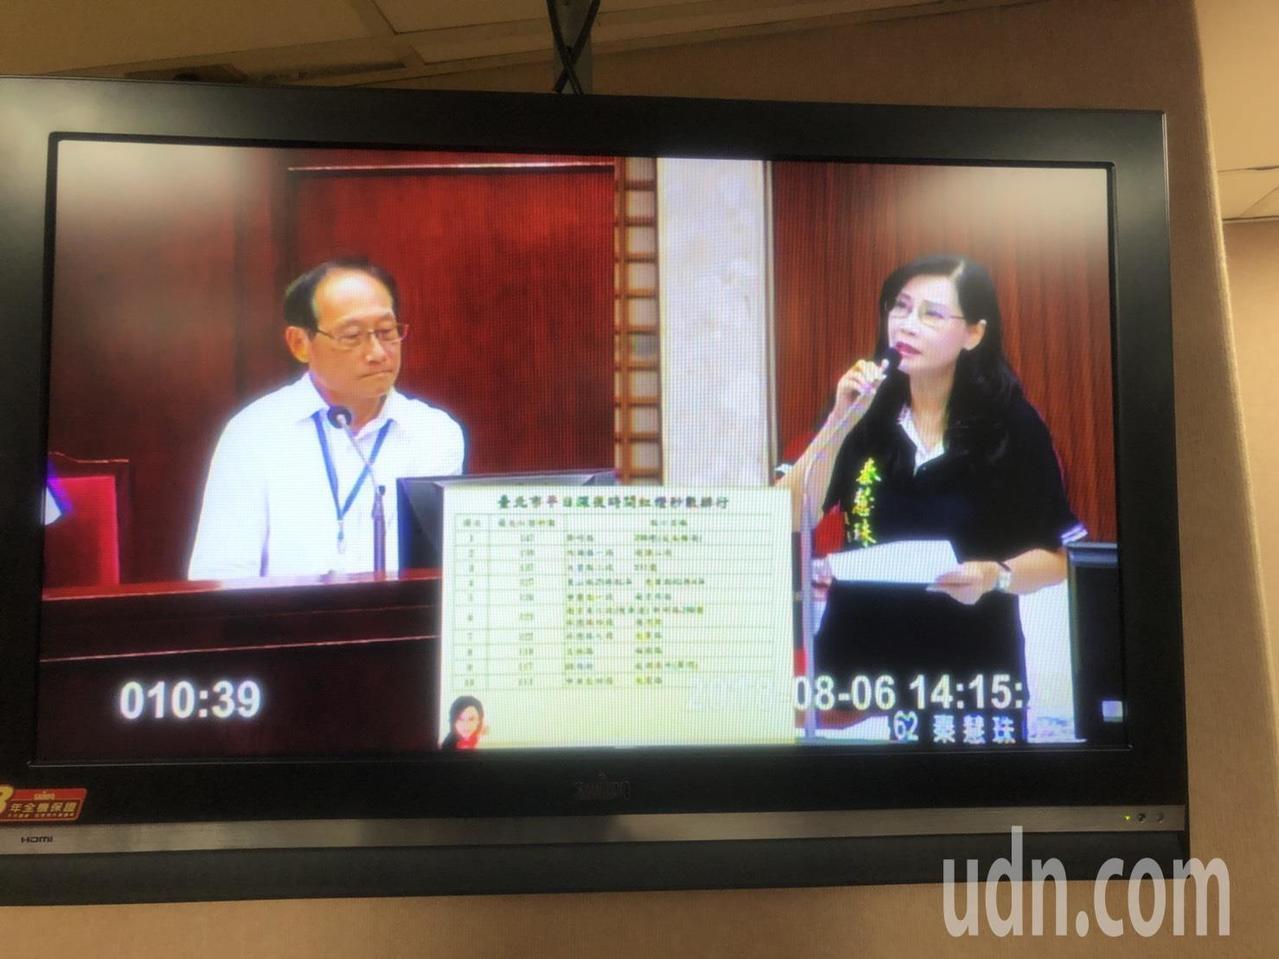 台北市議員秦慧珠質疑,反觀台北市不僅沒有動作,深夜凌晨1時至5時,甚至還有路口紅...